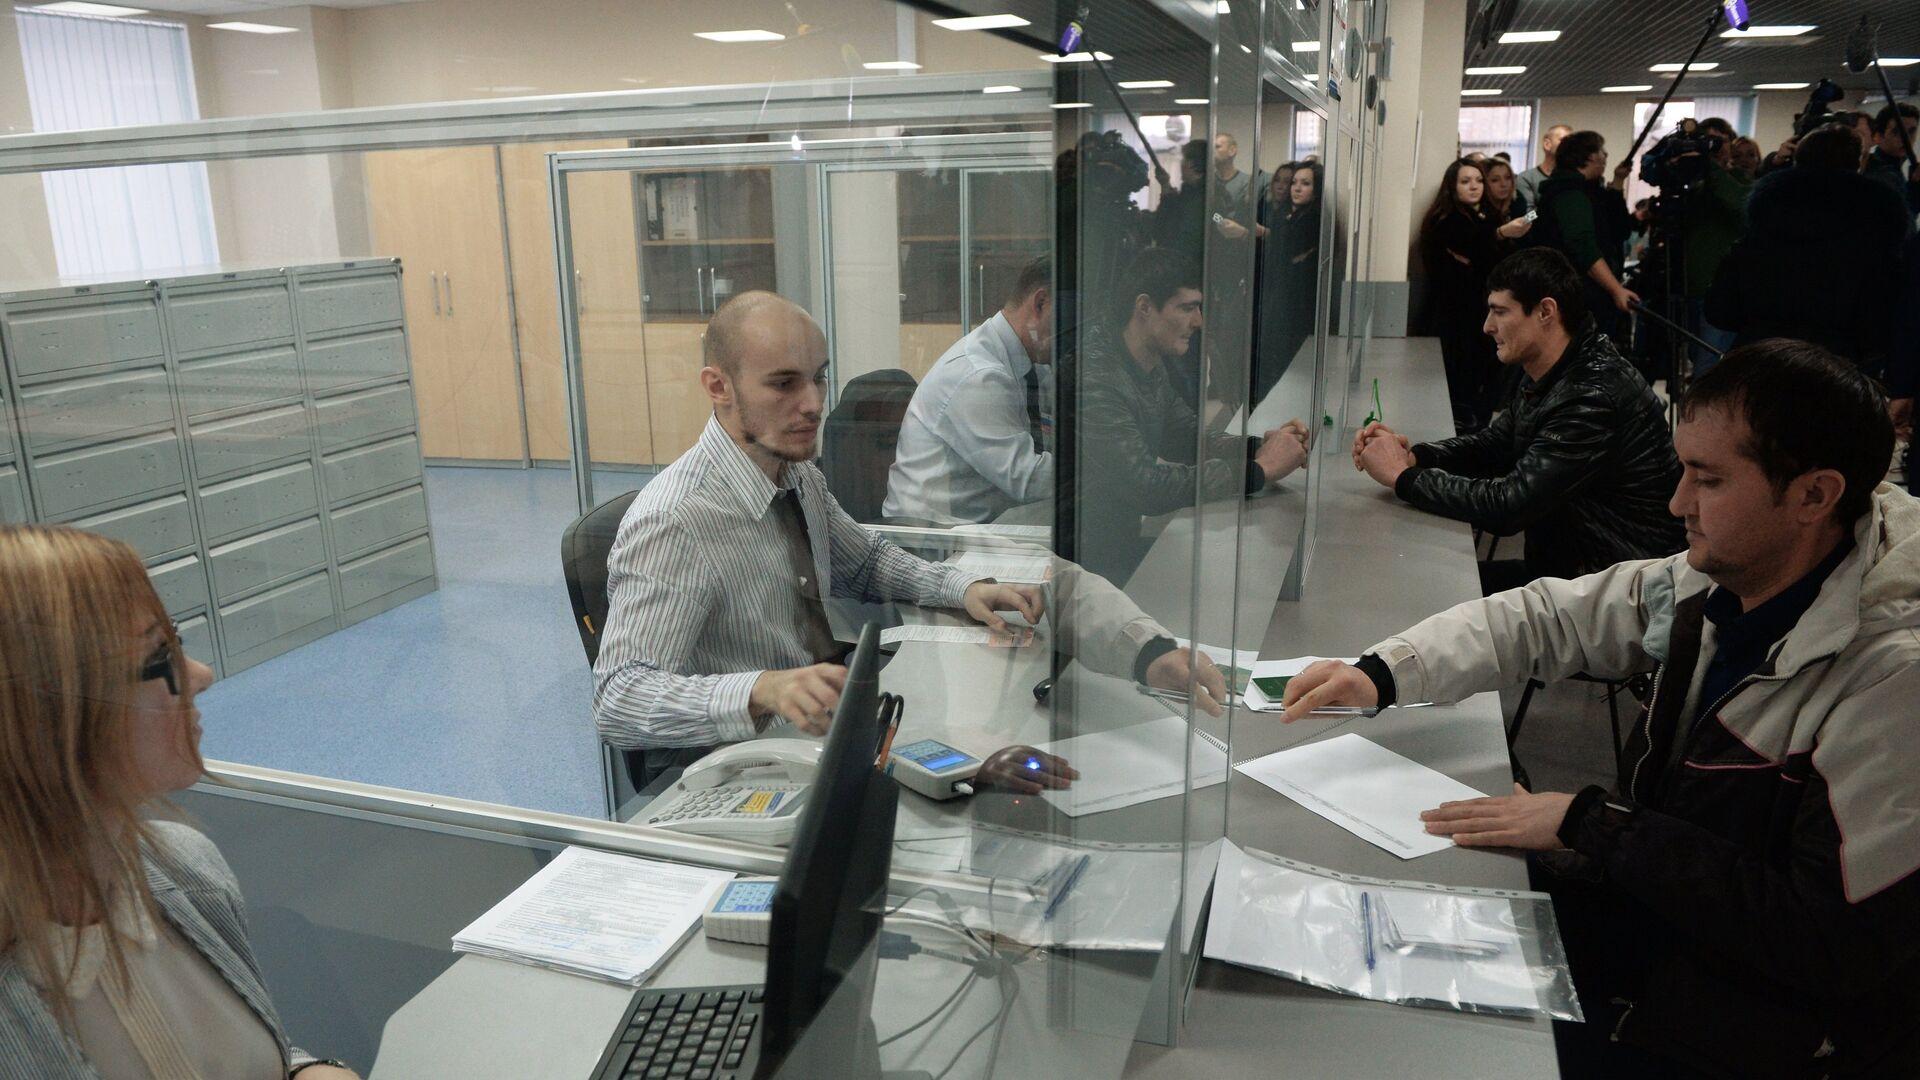 Выдача первых патентов в Едином миграционном центре Московской области, архивное фото - Sputnik Таджикистан, 1920, 10.07.2021